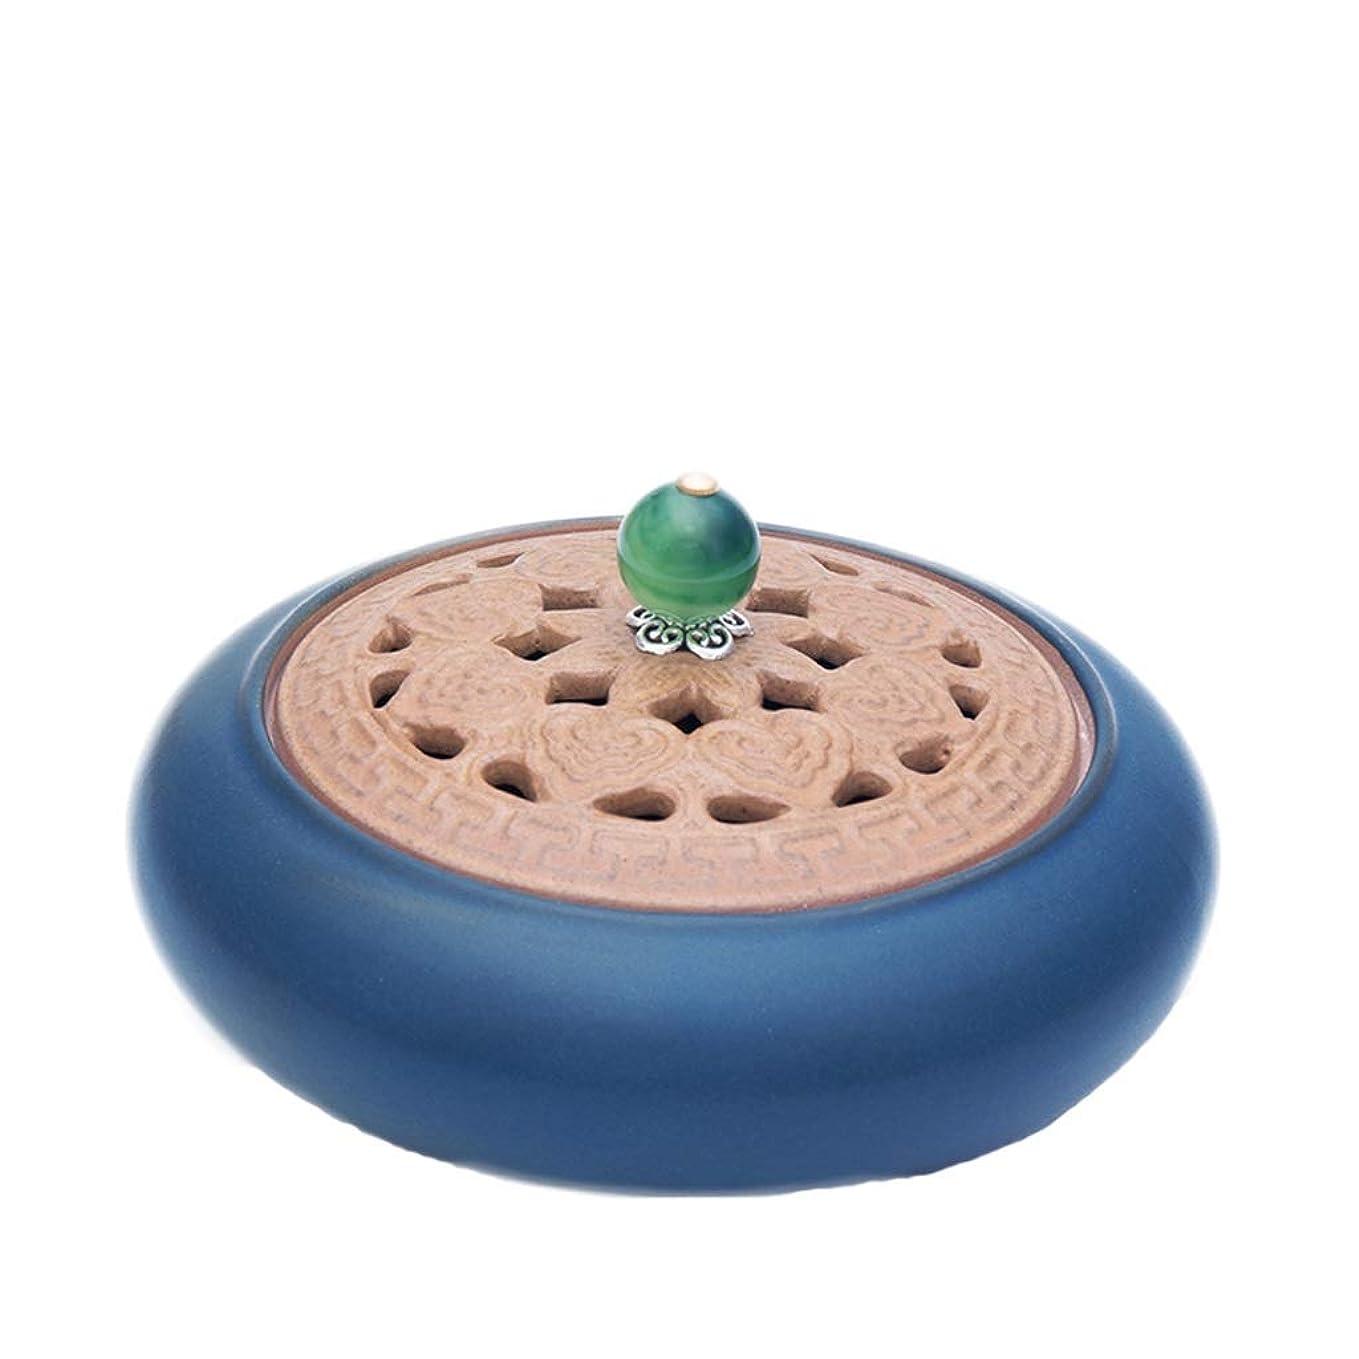 パイロット平衡葉を集める芳香器?アロマバーナー アンティークセラミック小さな香バーナーホームインドアガーウッドハース香純粋な銅白檀炉アロマテラピー炉 アロマバーナー (Color : Green)